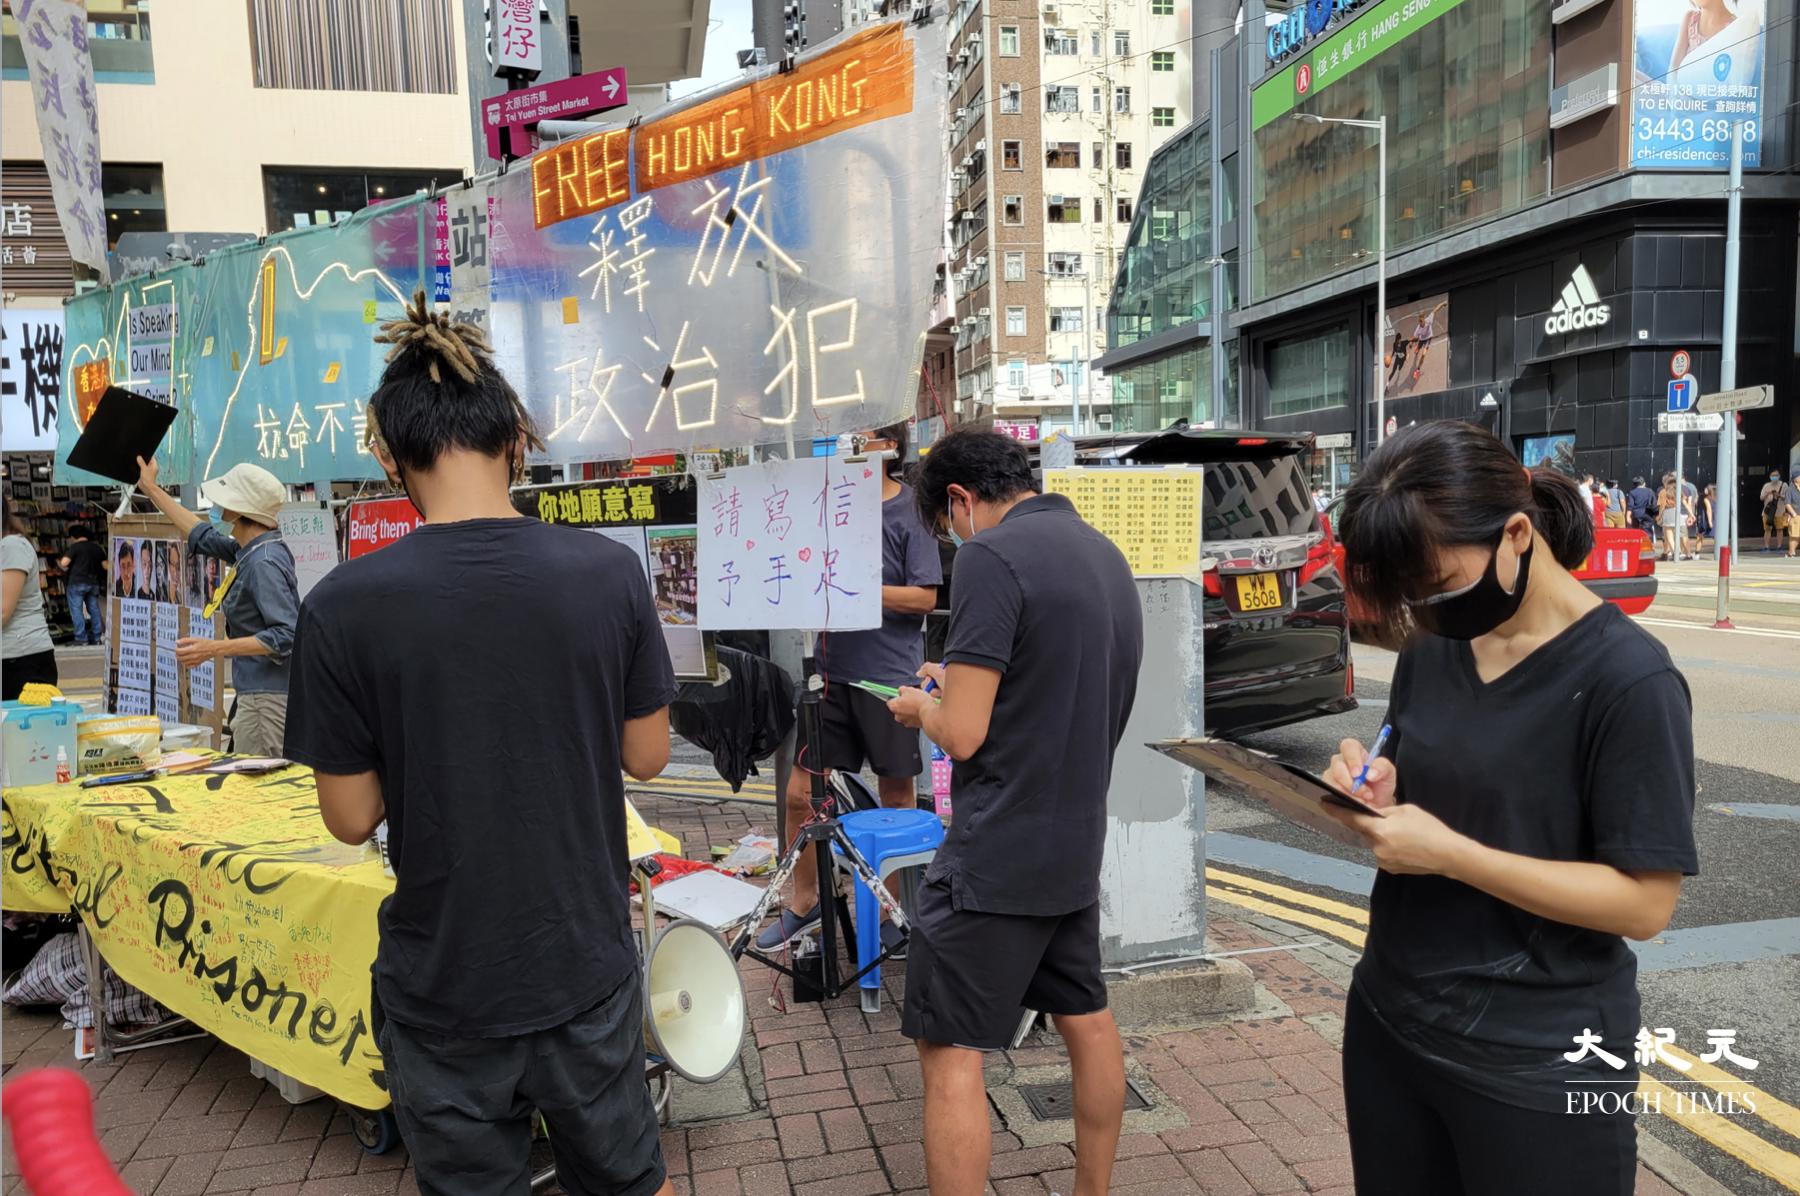 6月12日午後,「民間電台」在灣仔舉辦街站,來到現場寫慰問信的市民絡繹不絕。(溫迪/大紀元)